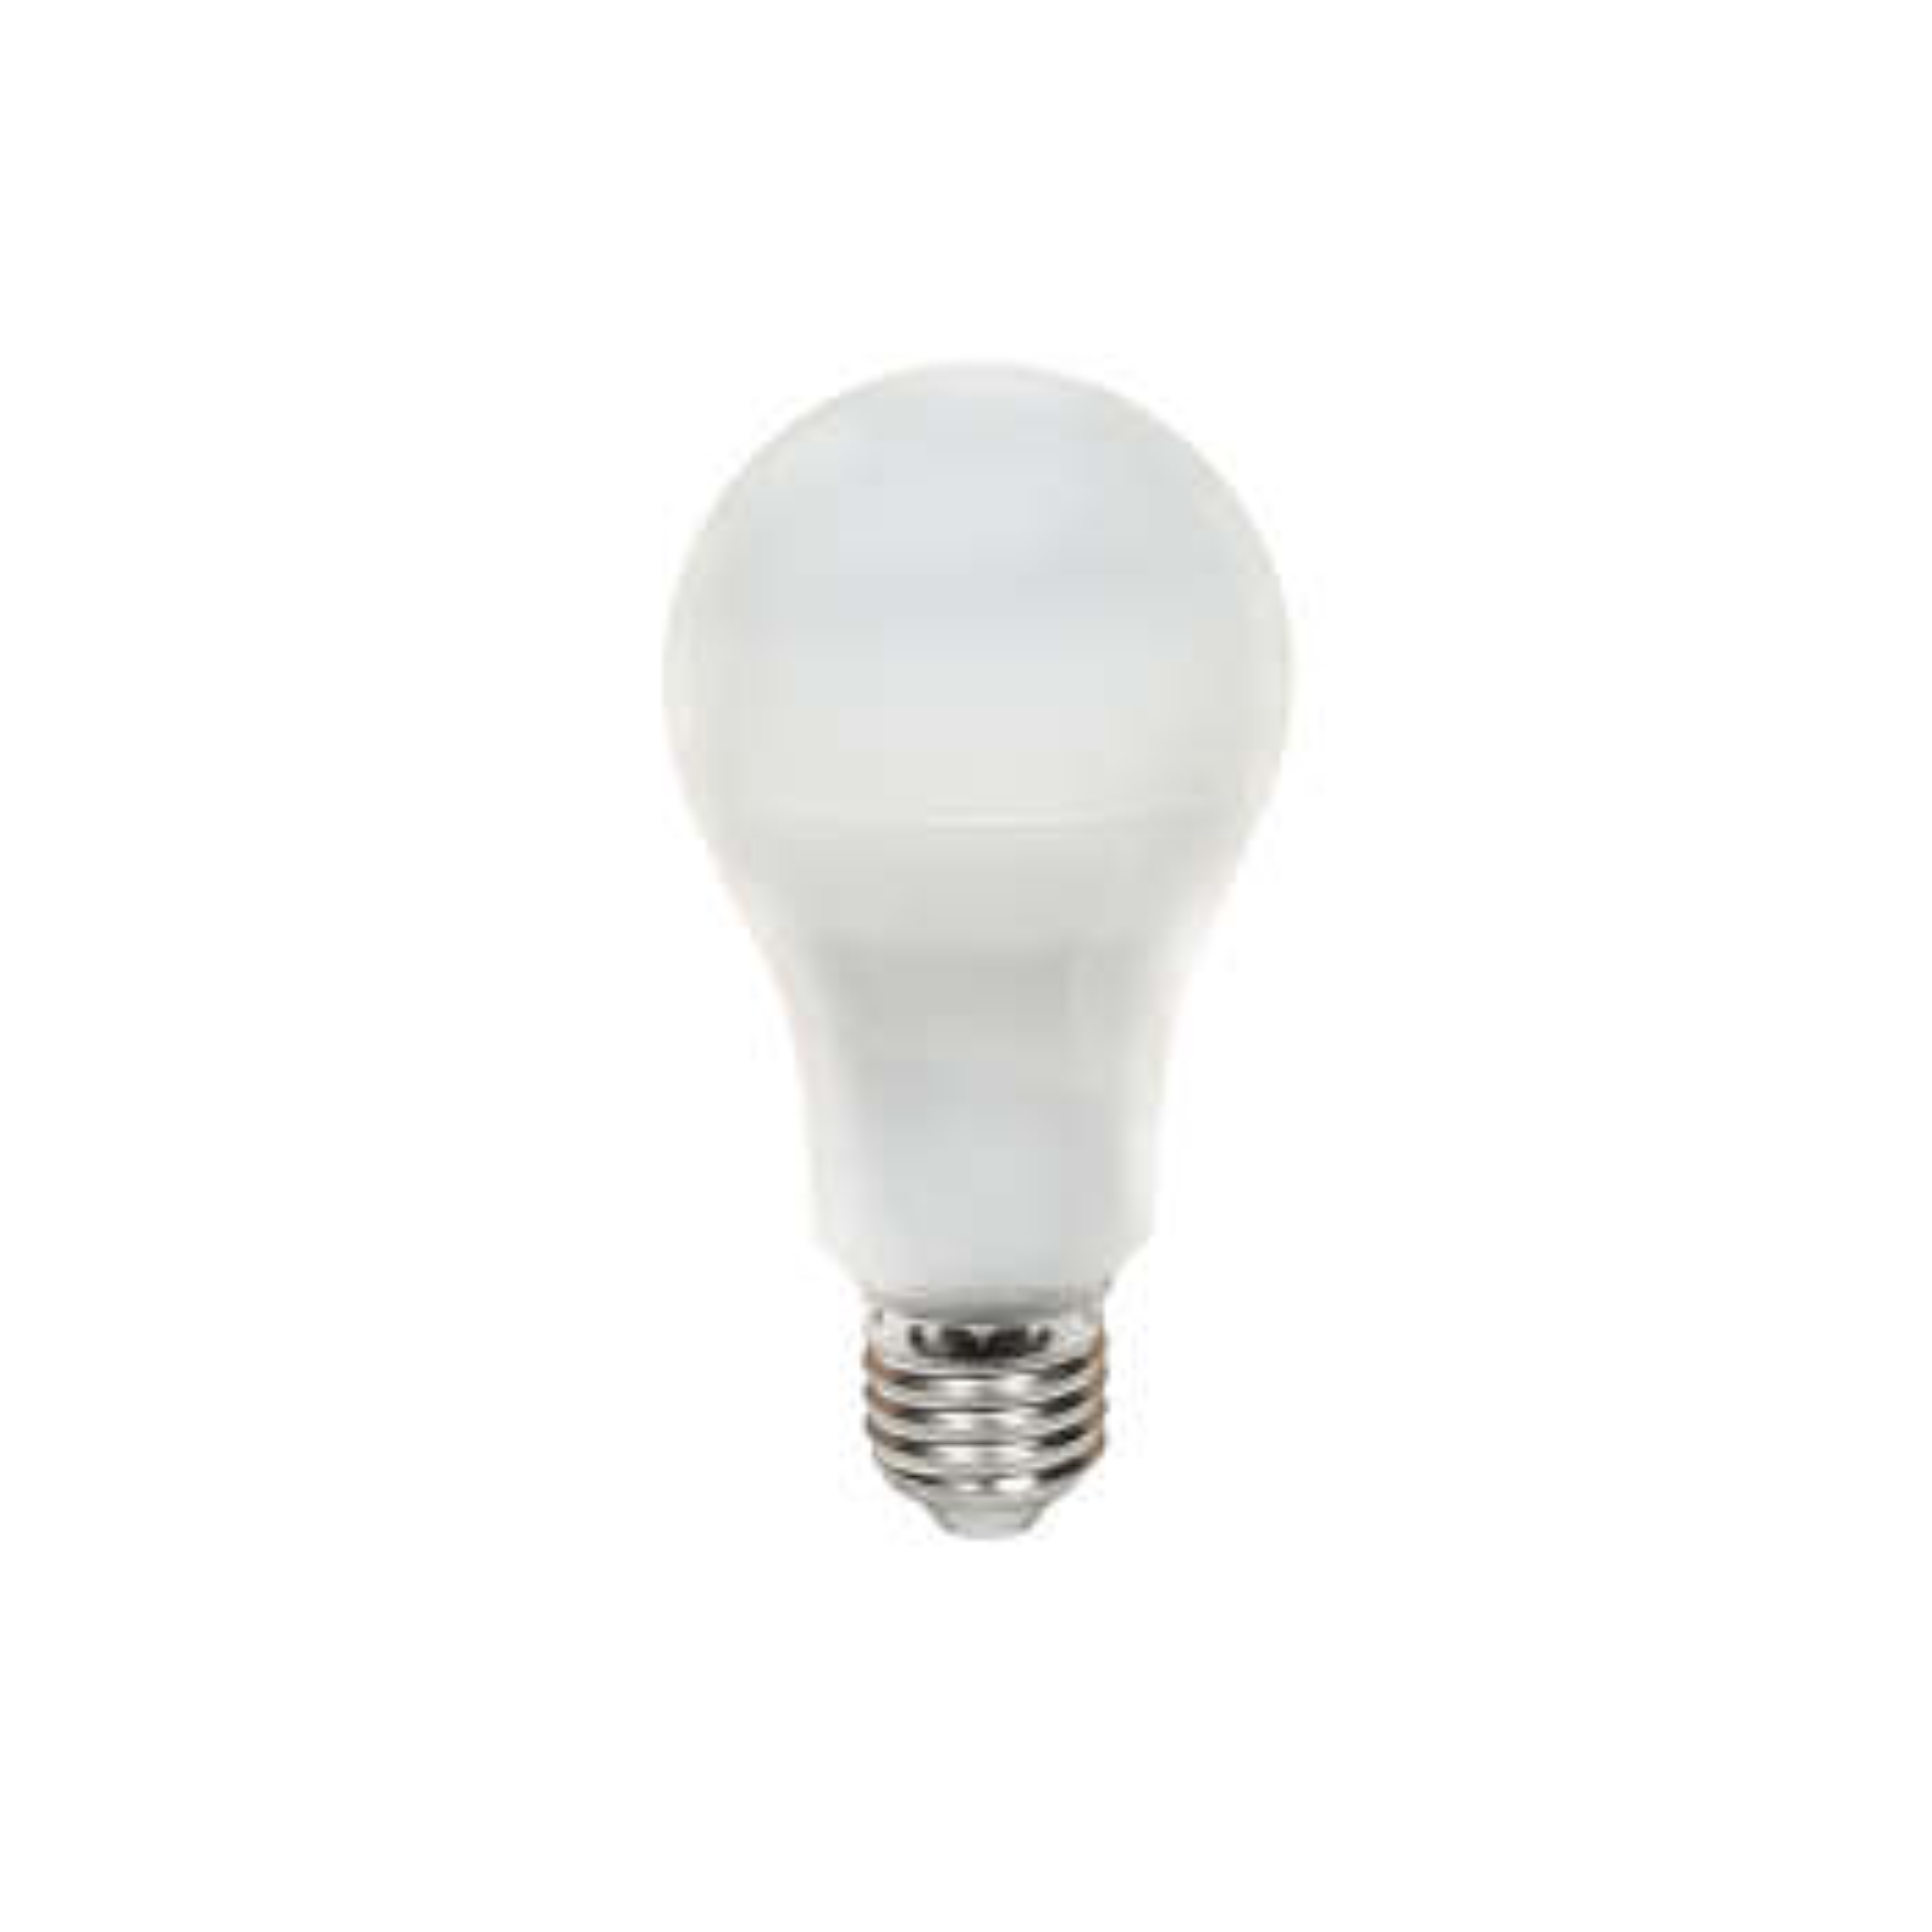 لامپ ال ای دی 9 وات پوکلا کد SH_9090 پایه E27